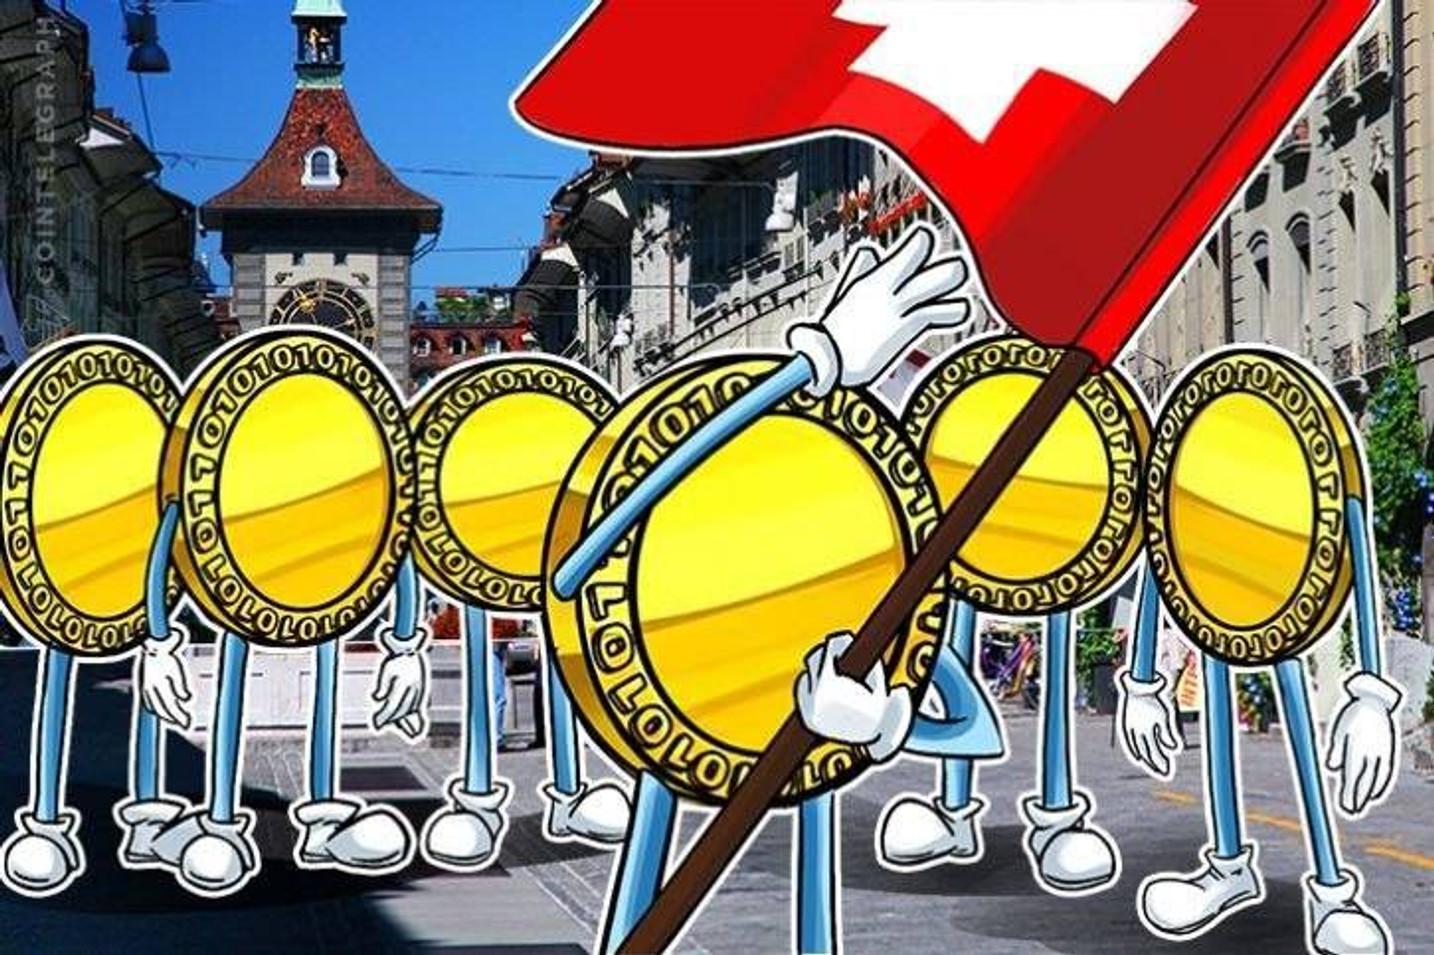 Schweizerische Nationalbank: Kryptowährungen sind besser als staatlich ausgegebene Digitalwährungen